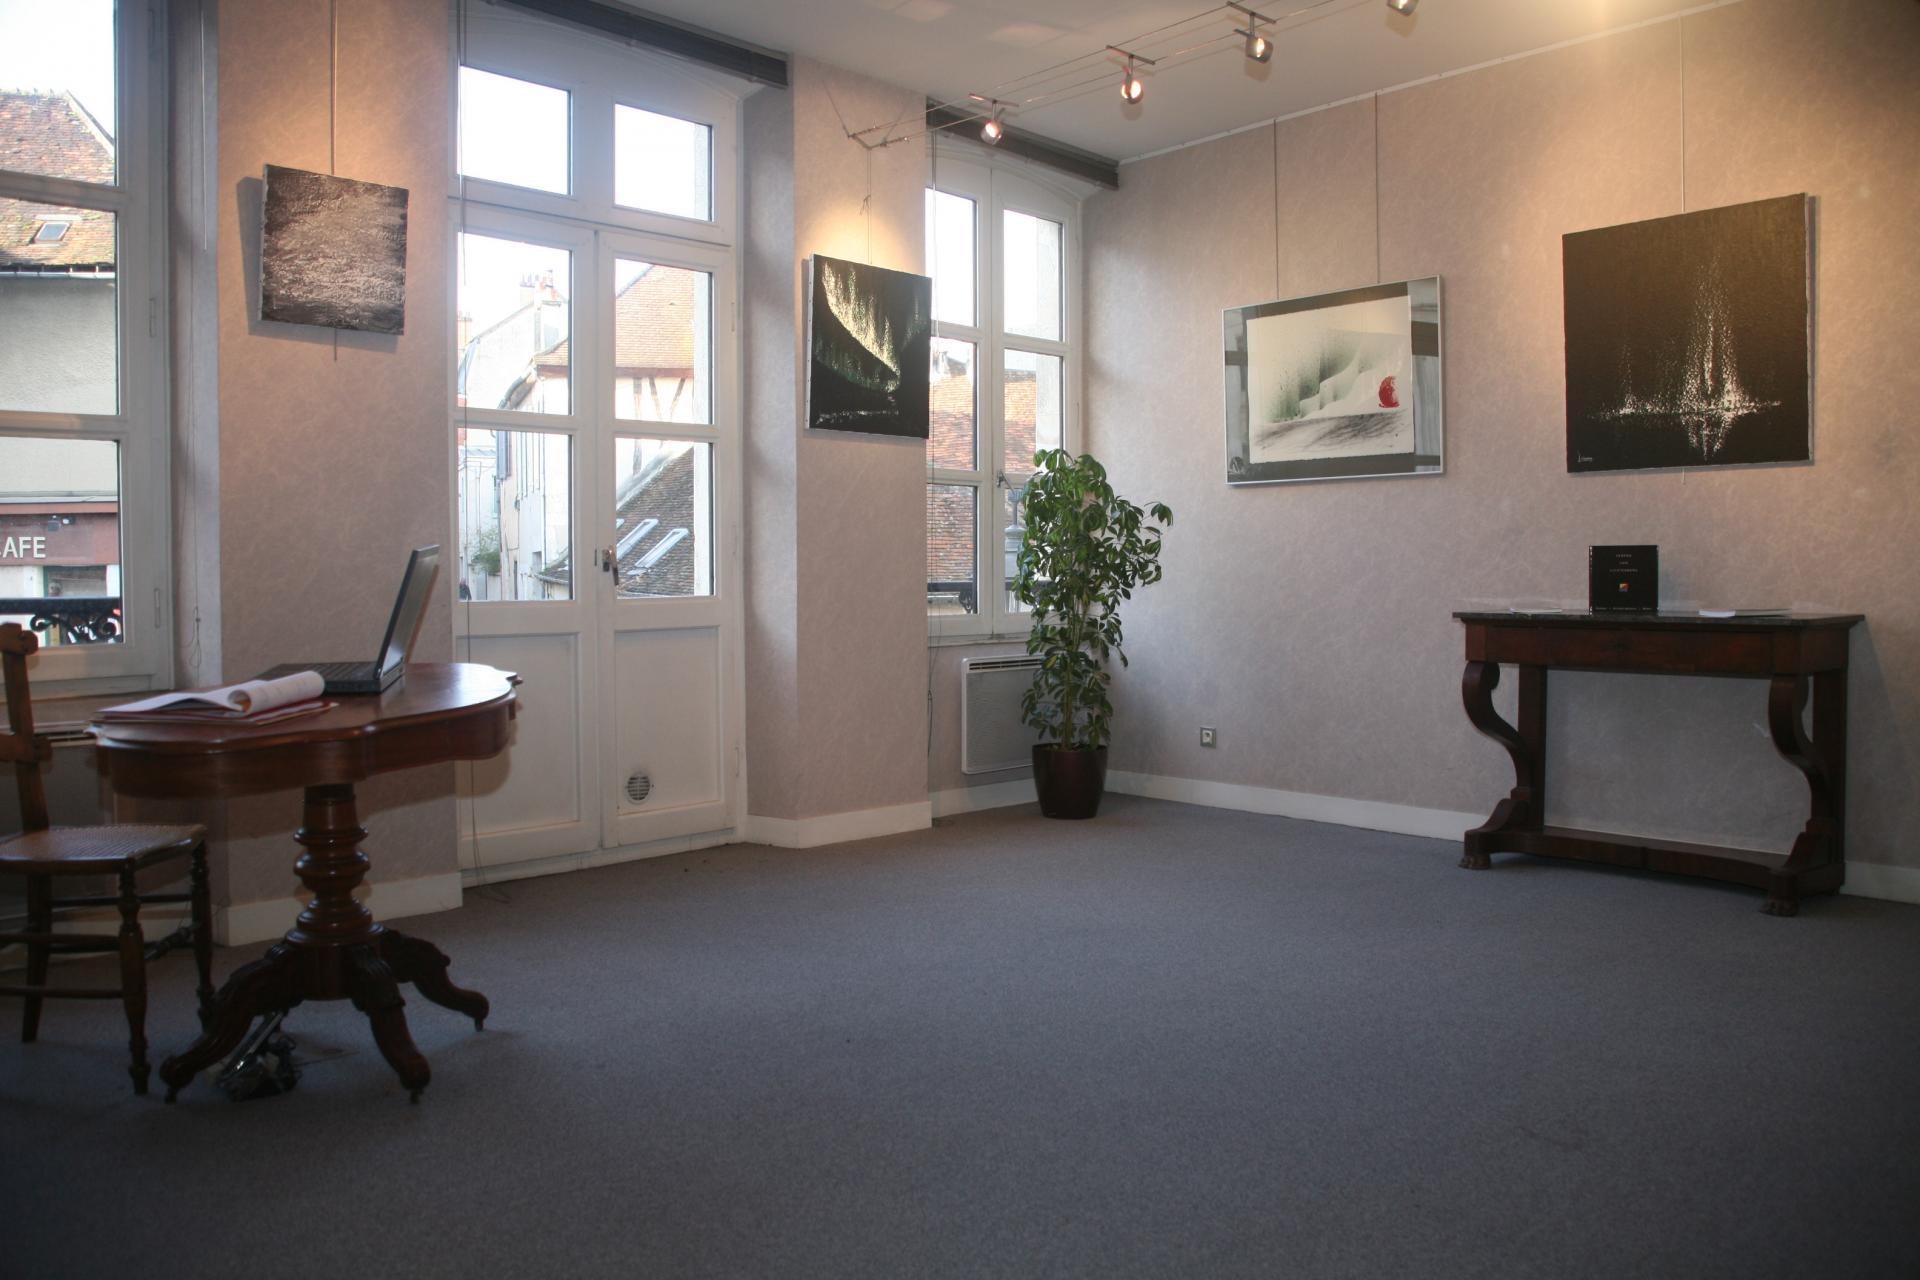 L artiste peintre verena von lichtenberg est les peinture de l exposition d art nord licht sont a auxerre a la galerie expression de claude larrive